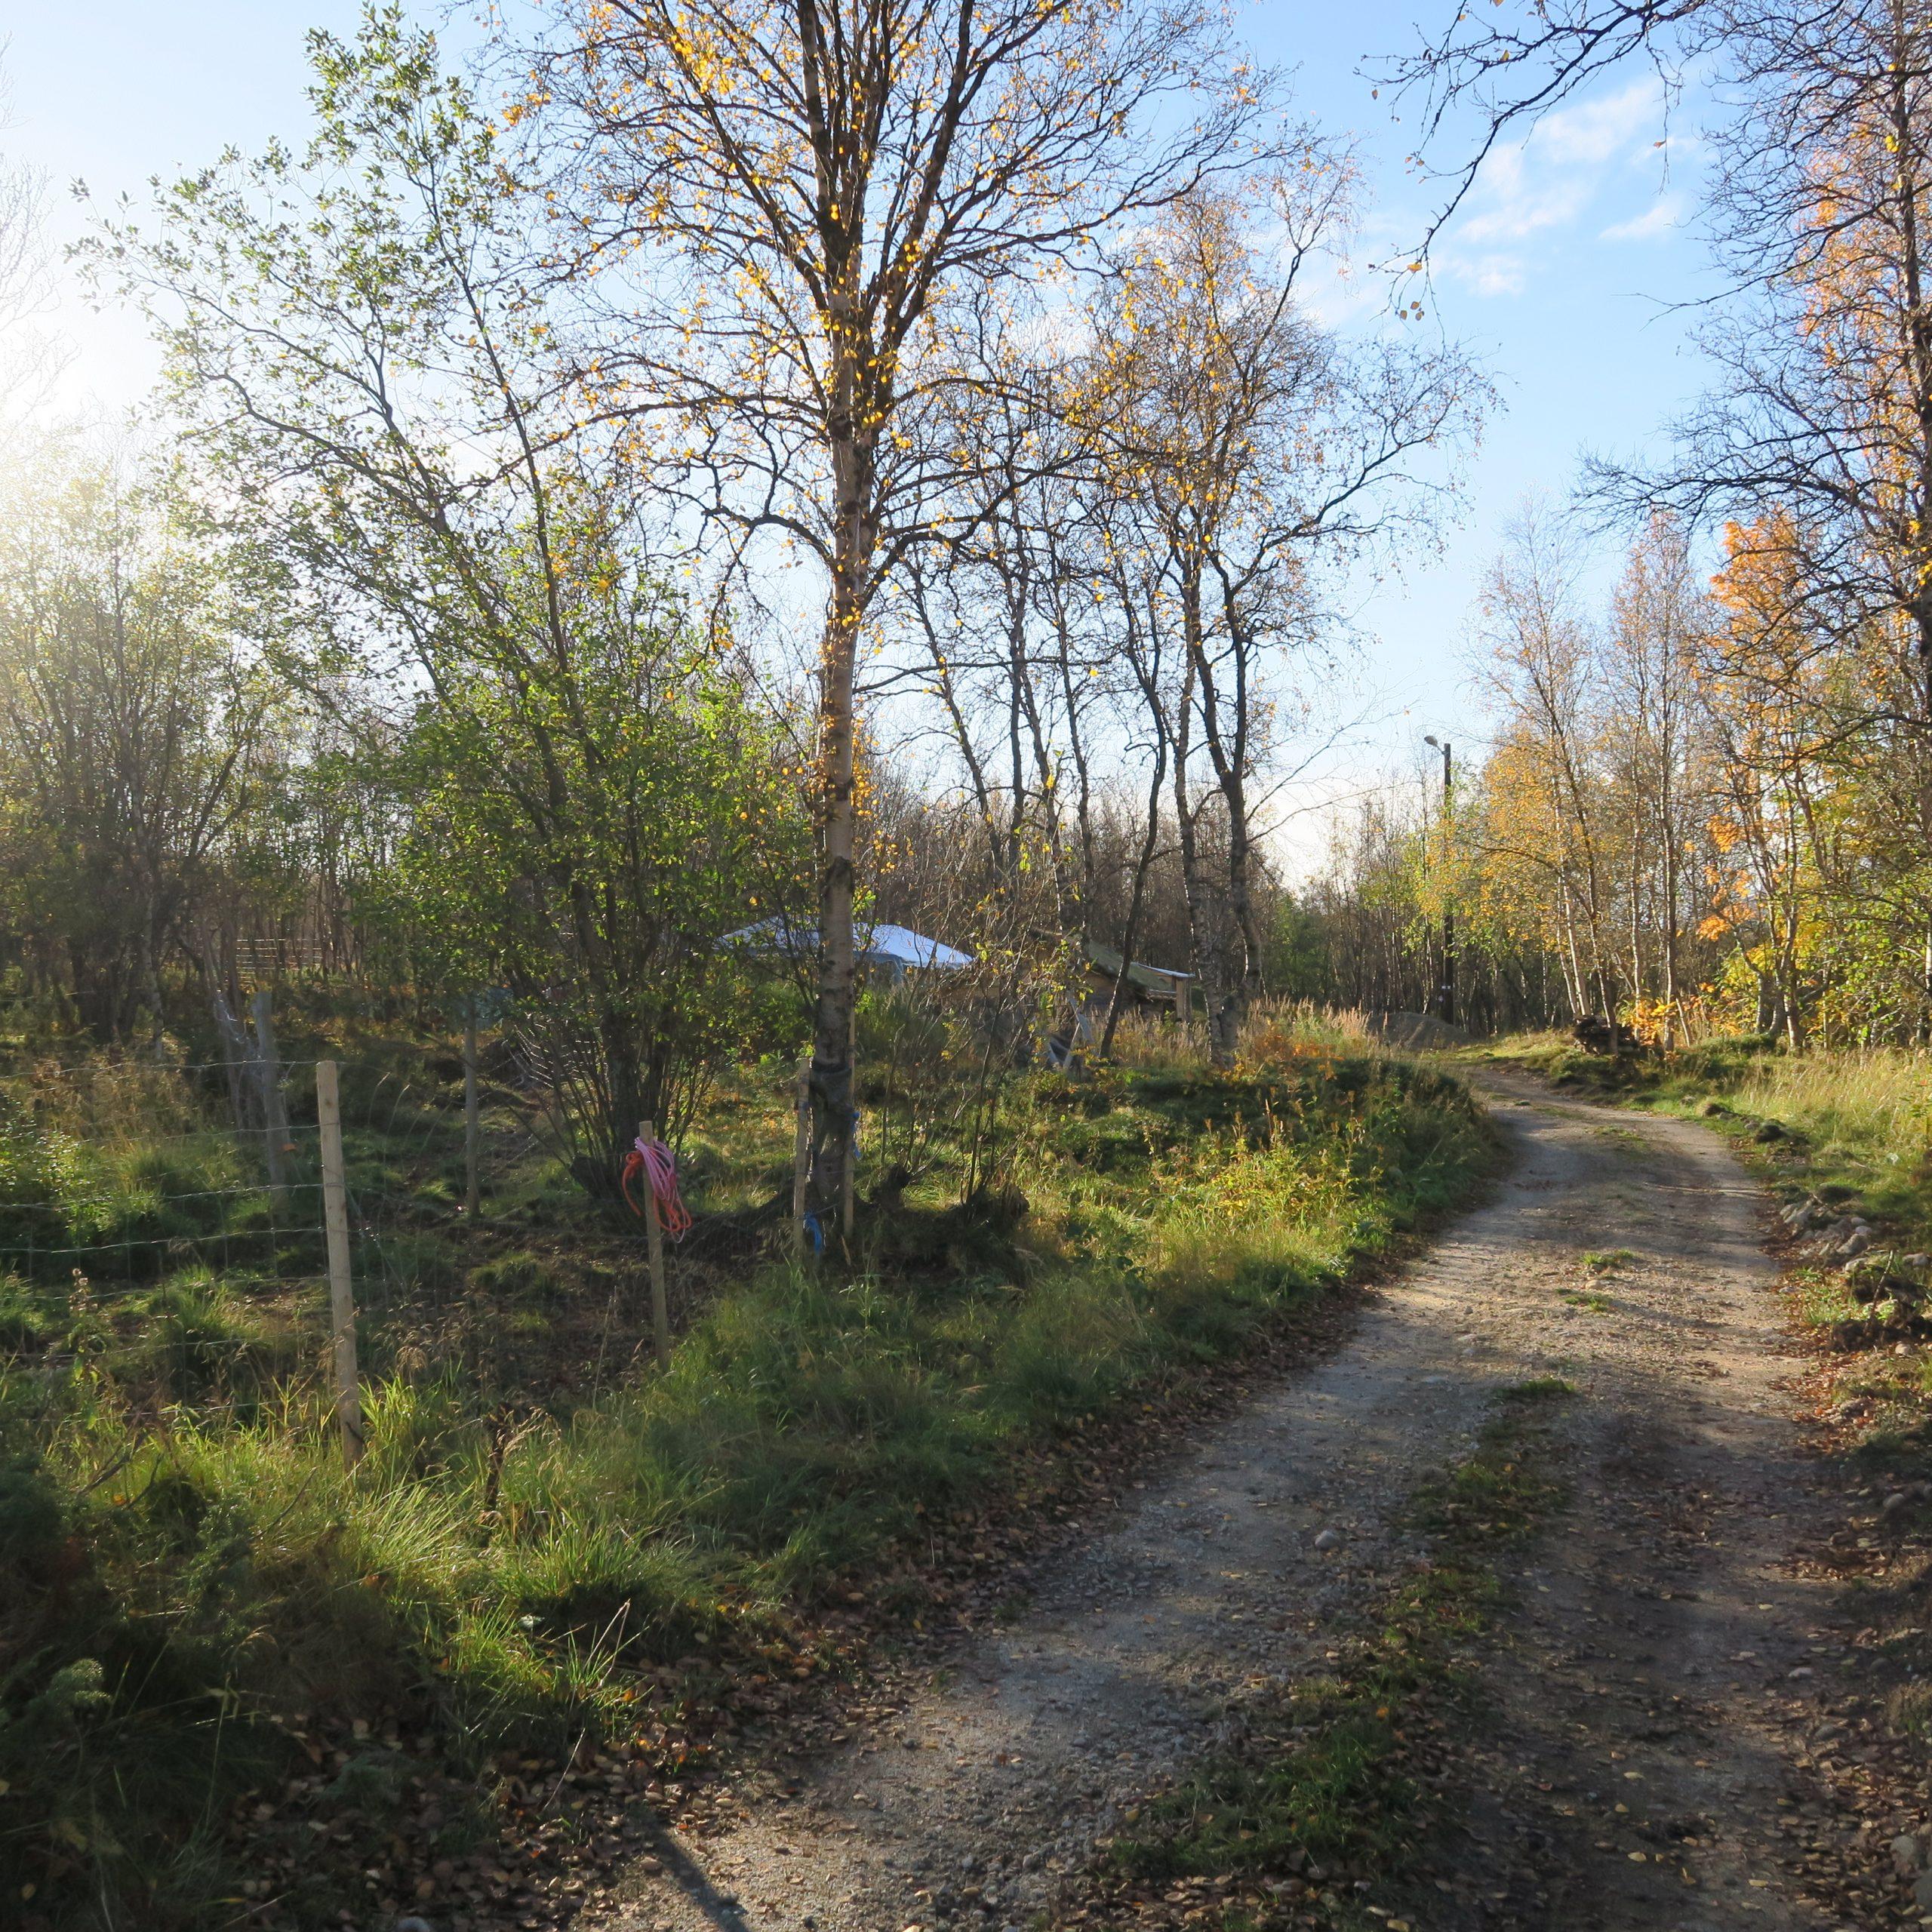 En grusvei som går gjennom skogen. Noe høstfarger på trærne.